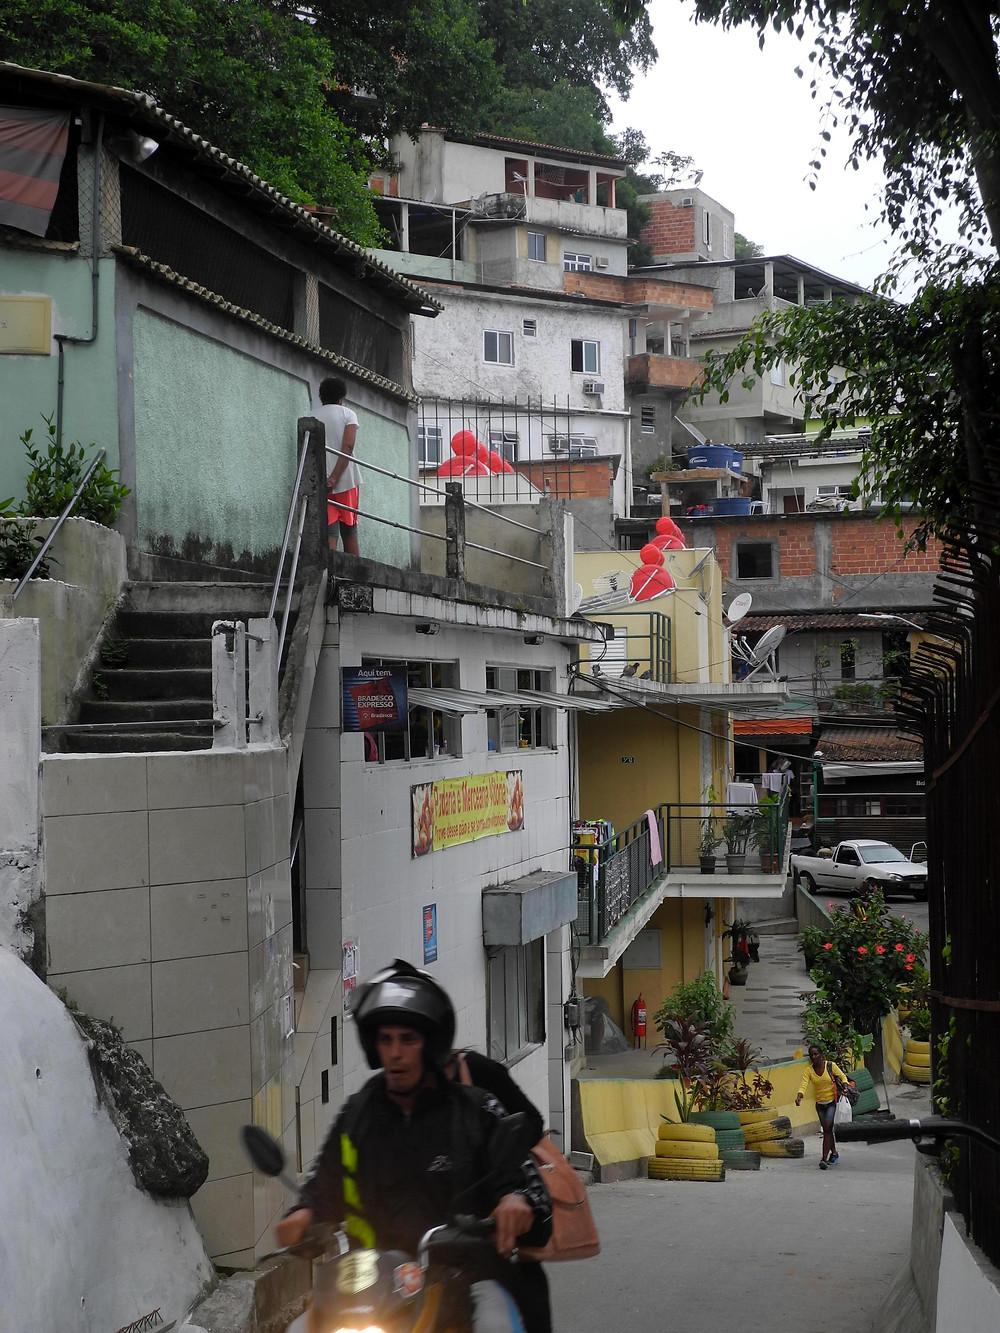 Vue de la favela Babilonia, quartier de Copacabana à Rio.